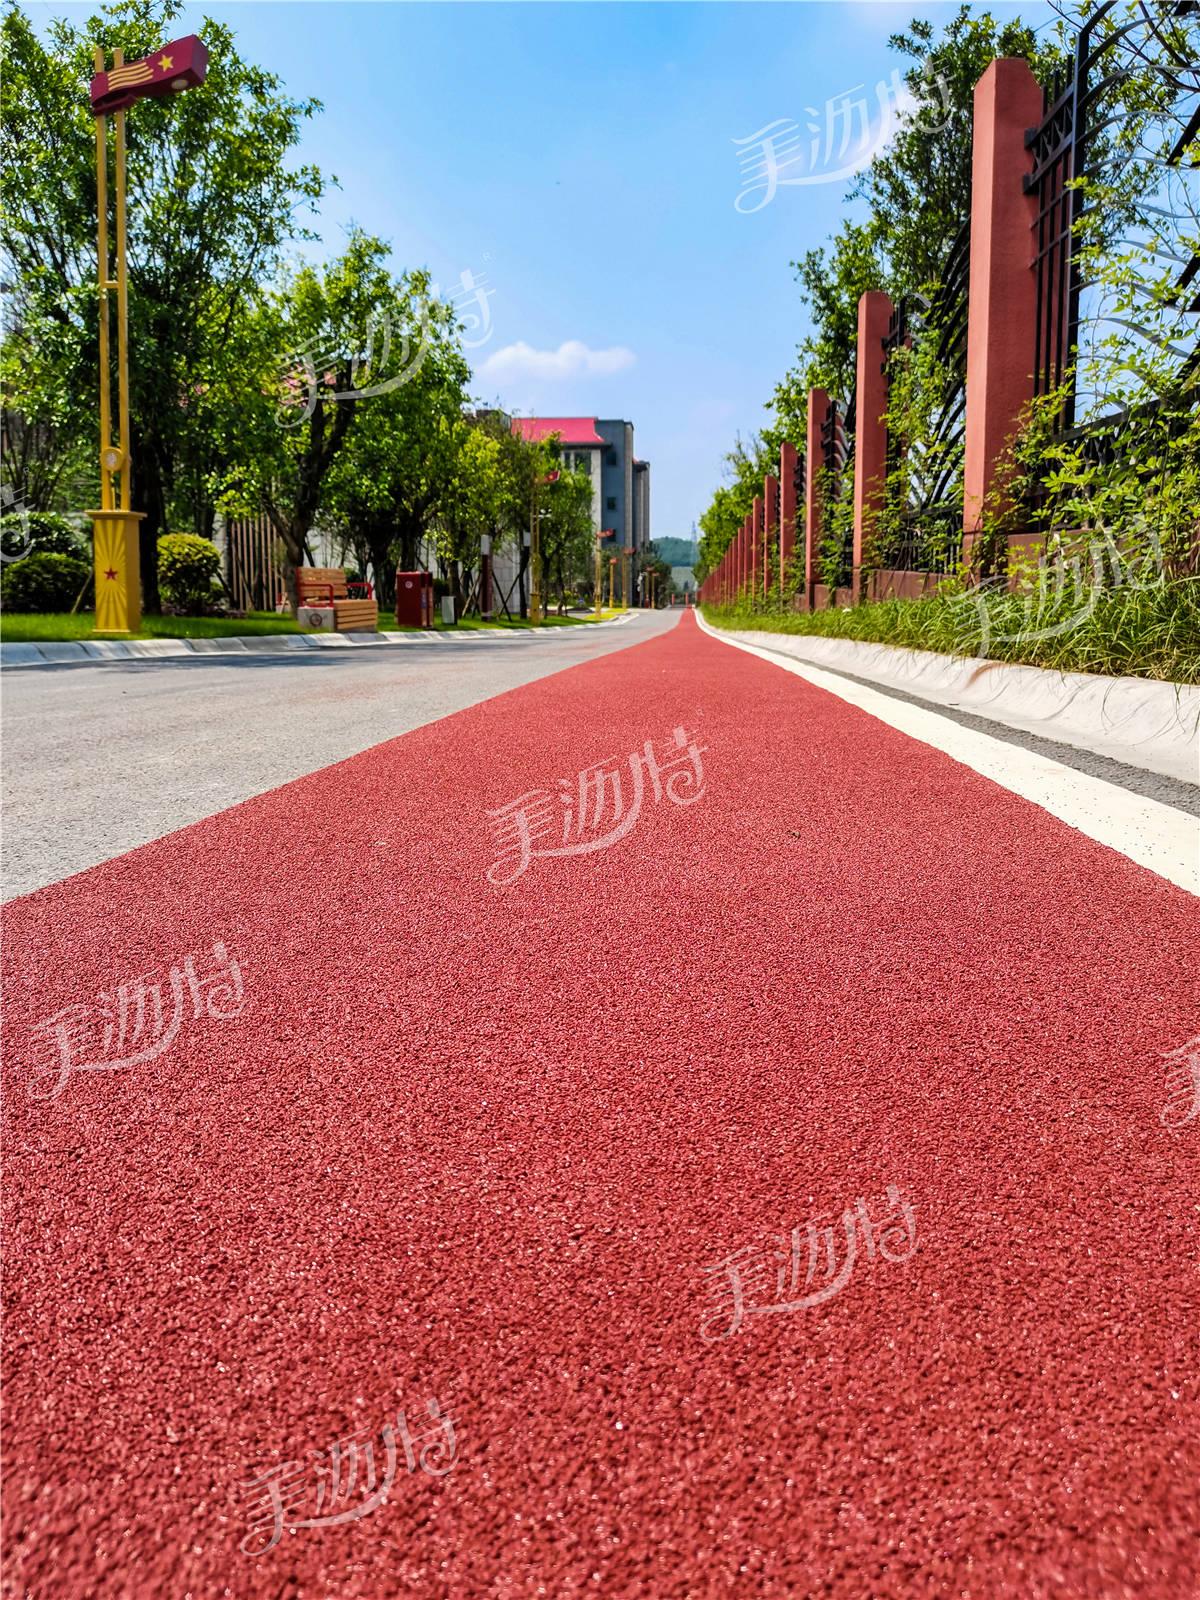 彩色防滑路面的主要特点